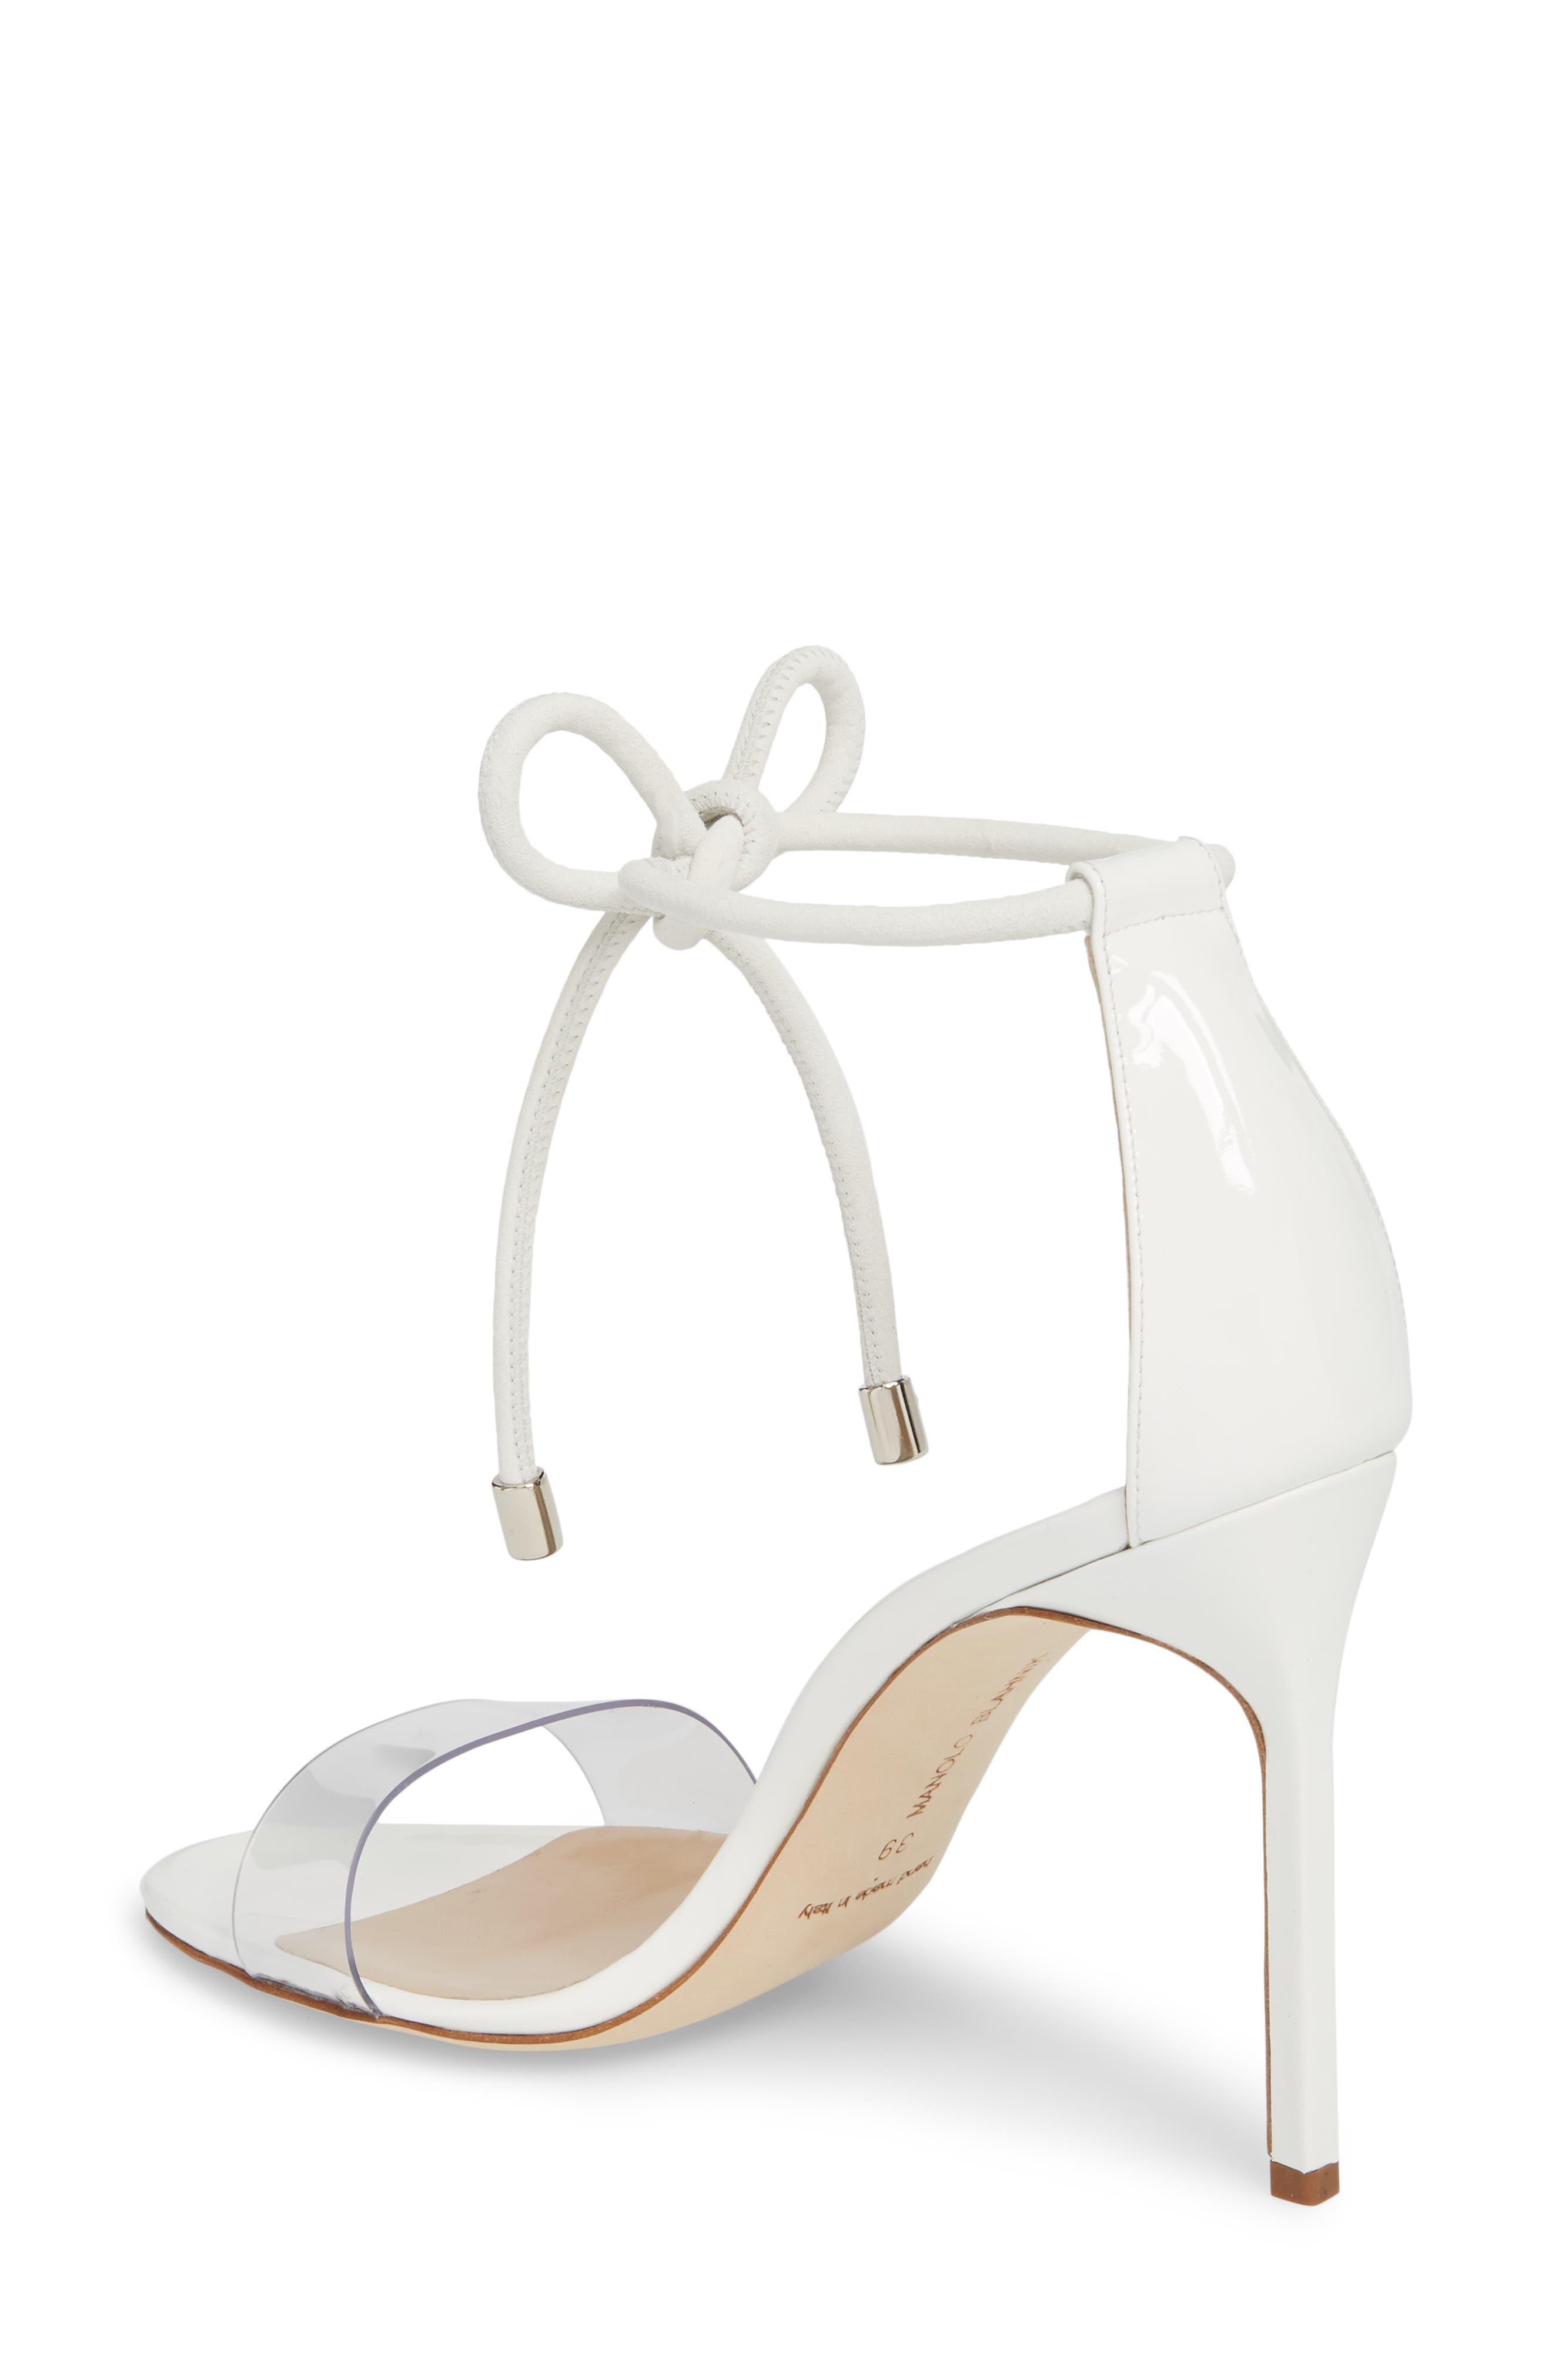 Estro Ankle Tie Sandal,                             Alternate thumbnail 2, color,                             White Patent